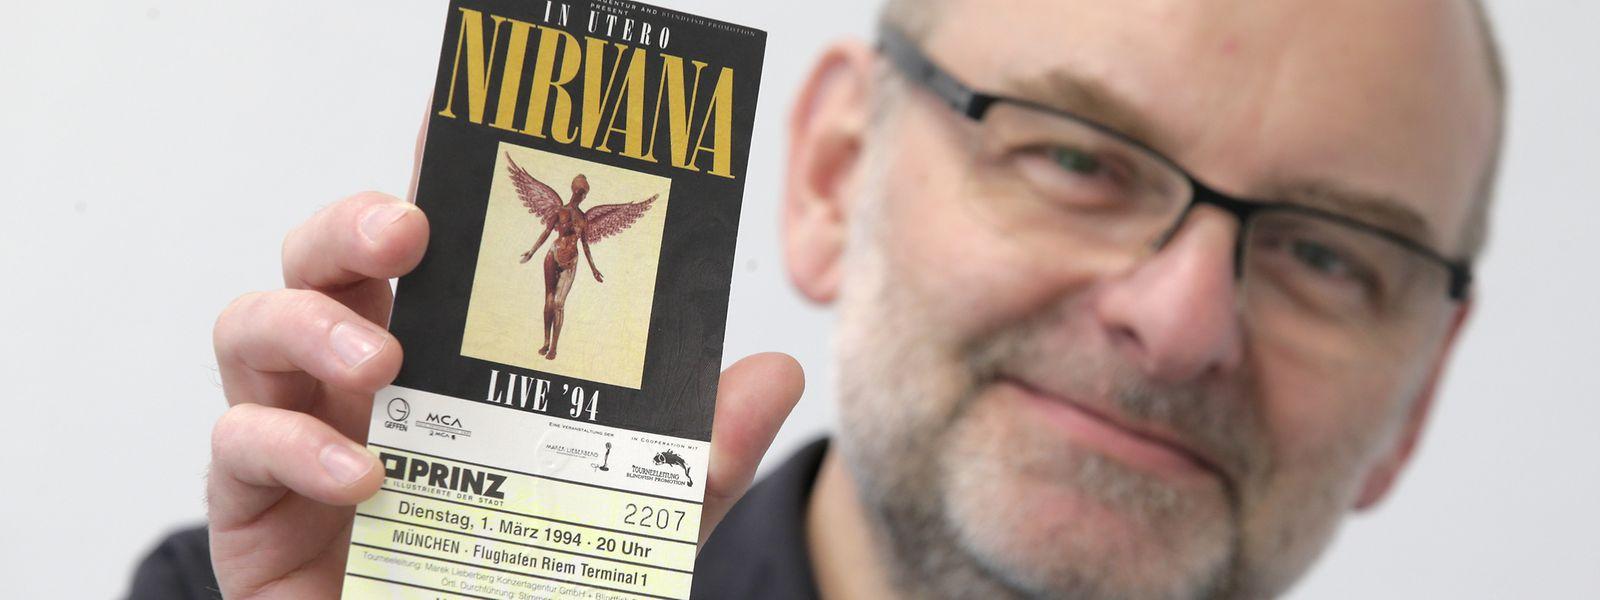 Der Münchner Gerhard Emmer war dabei, als die Kultband Nirvana ihr allerletztes Konzert gab.